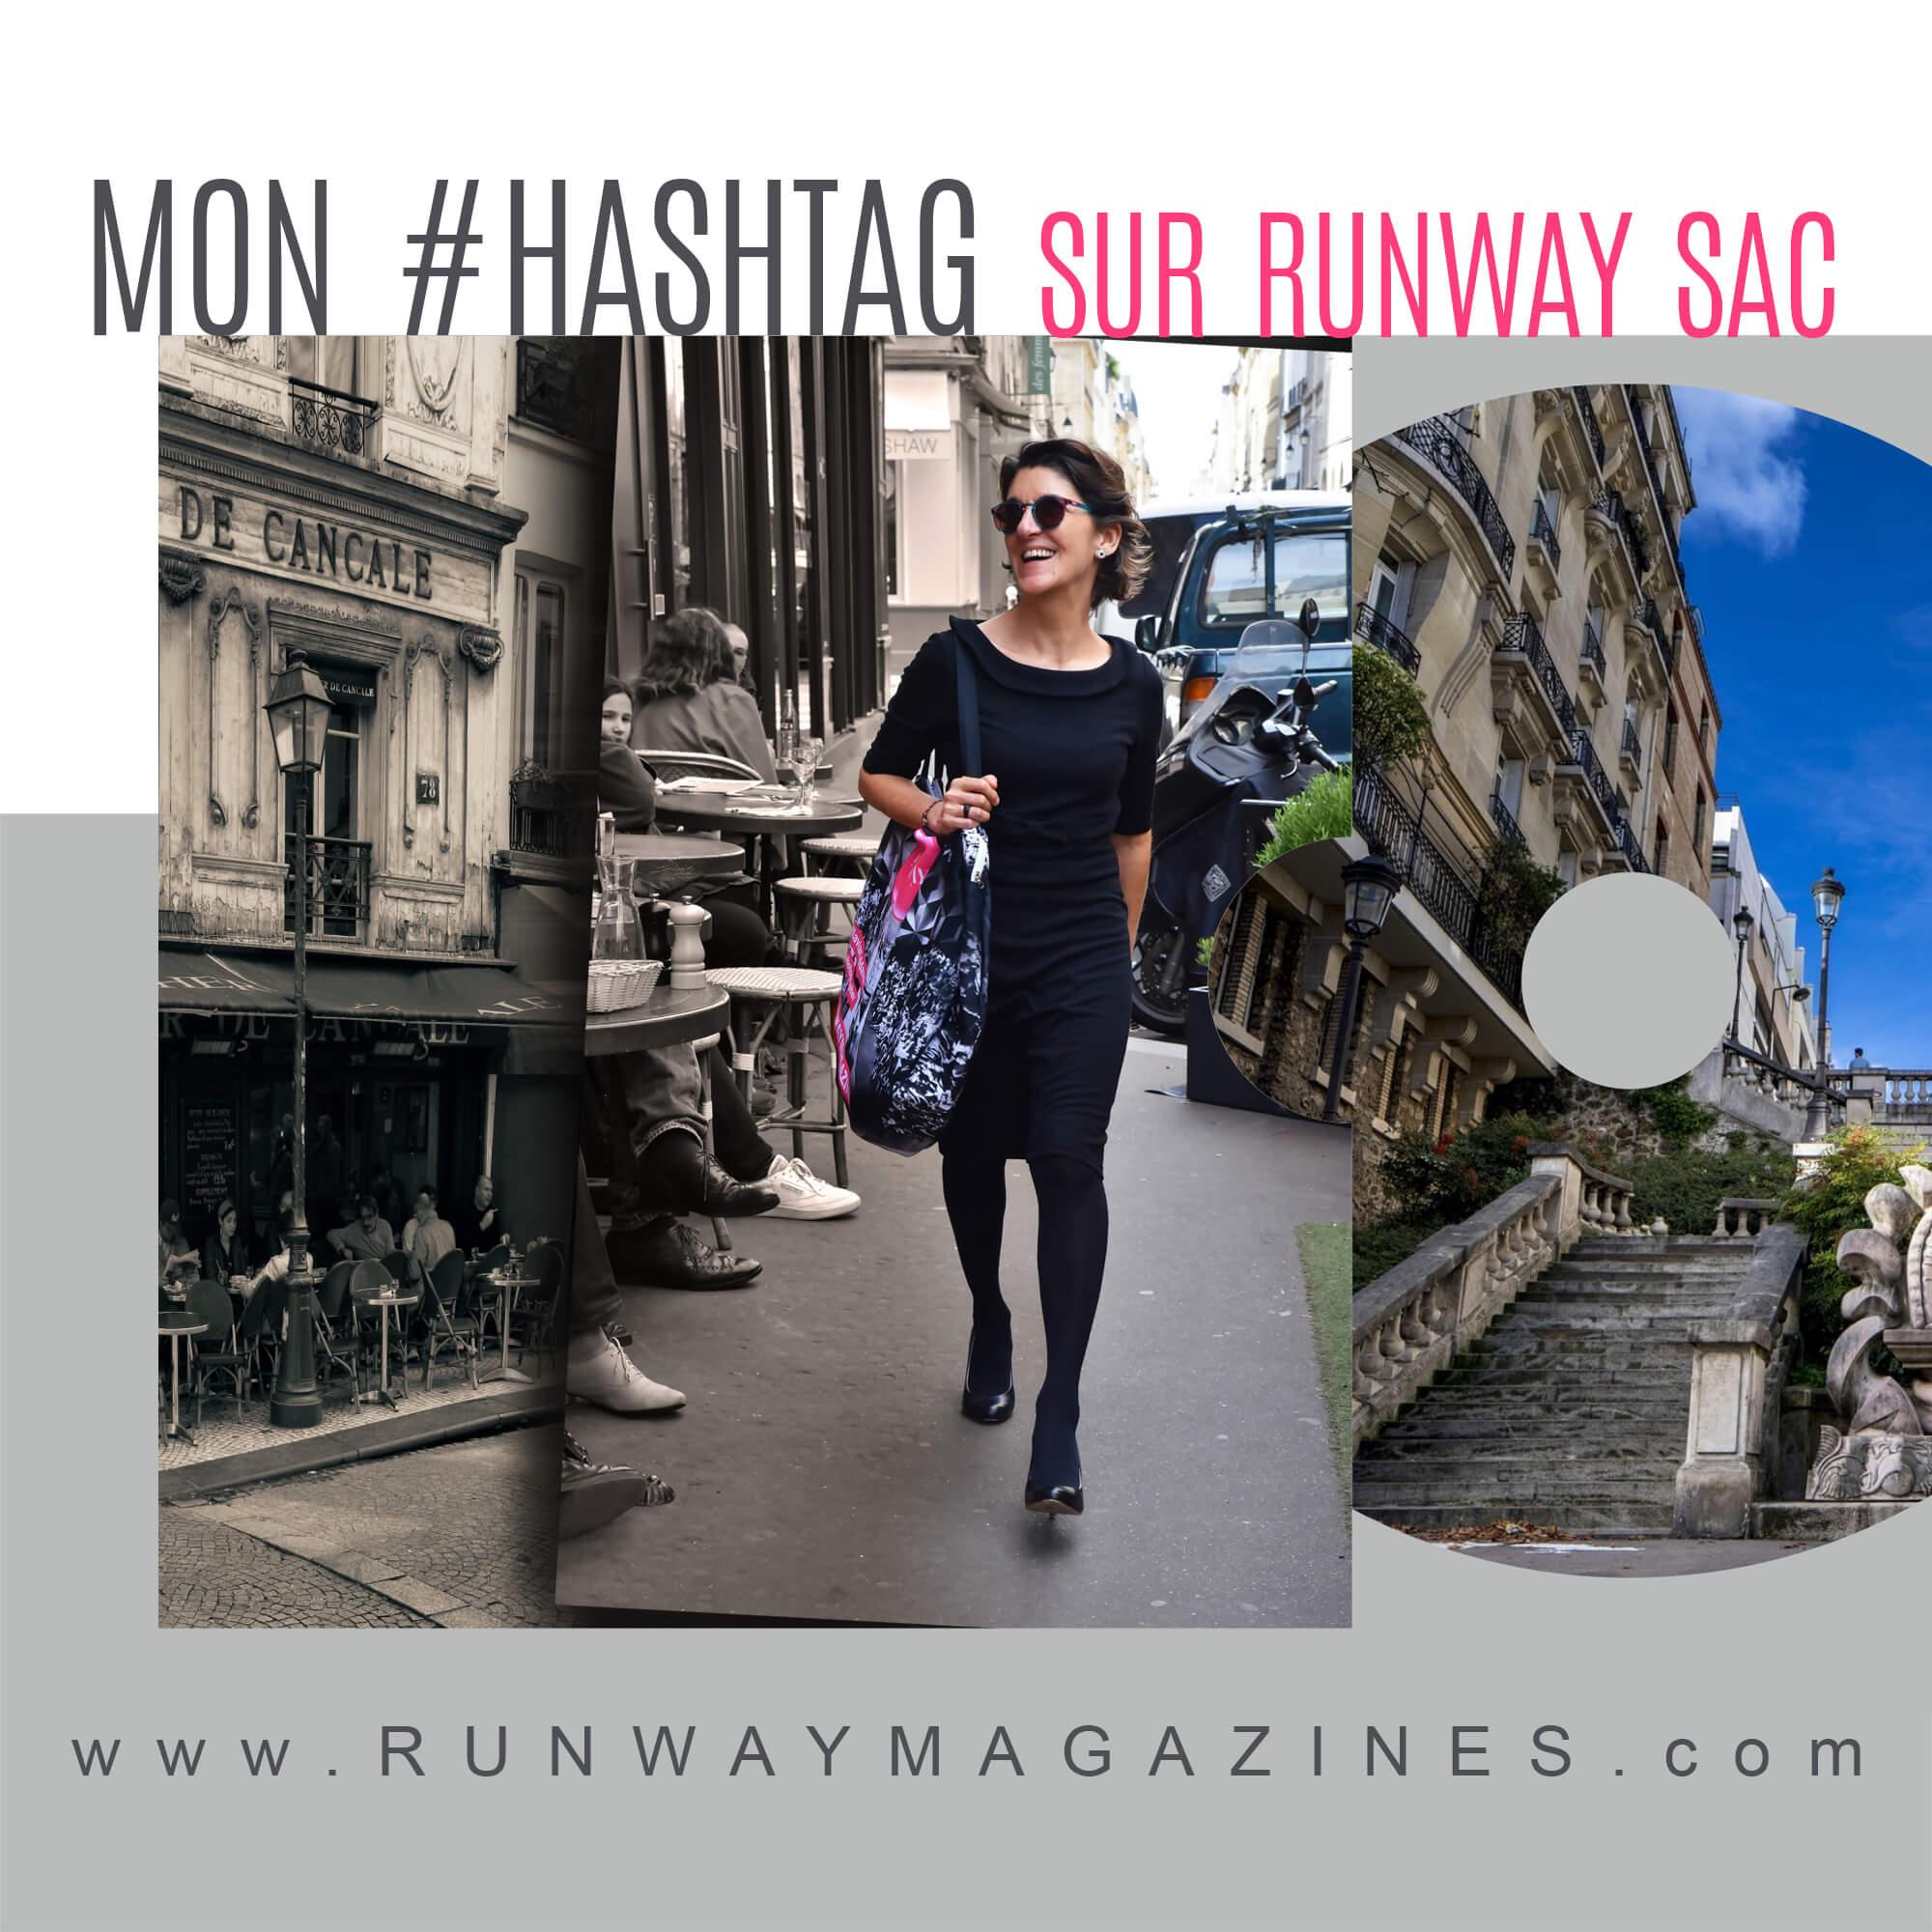 Mon #hashtag sur RUNWAY sac